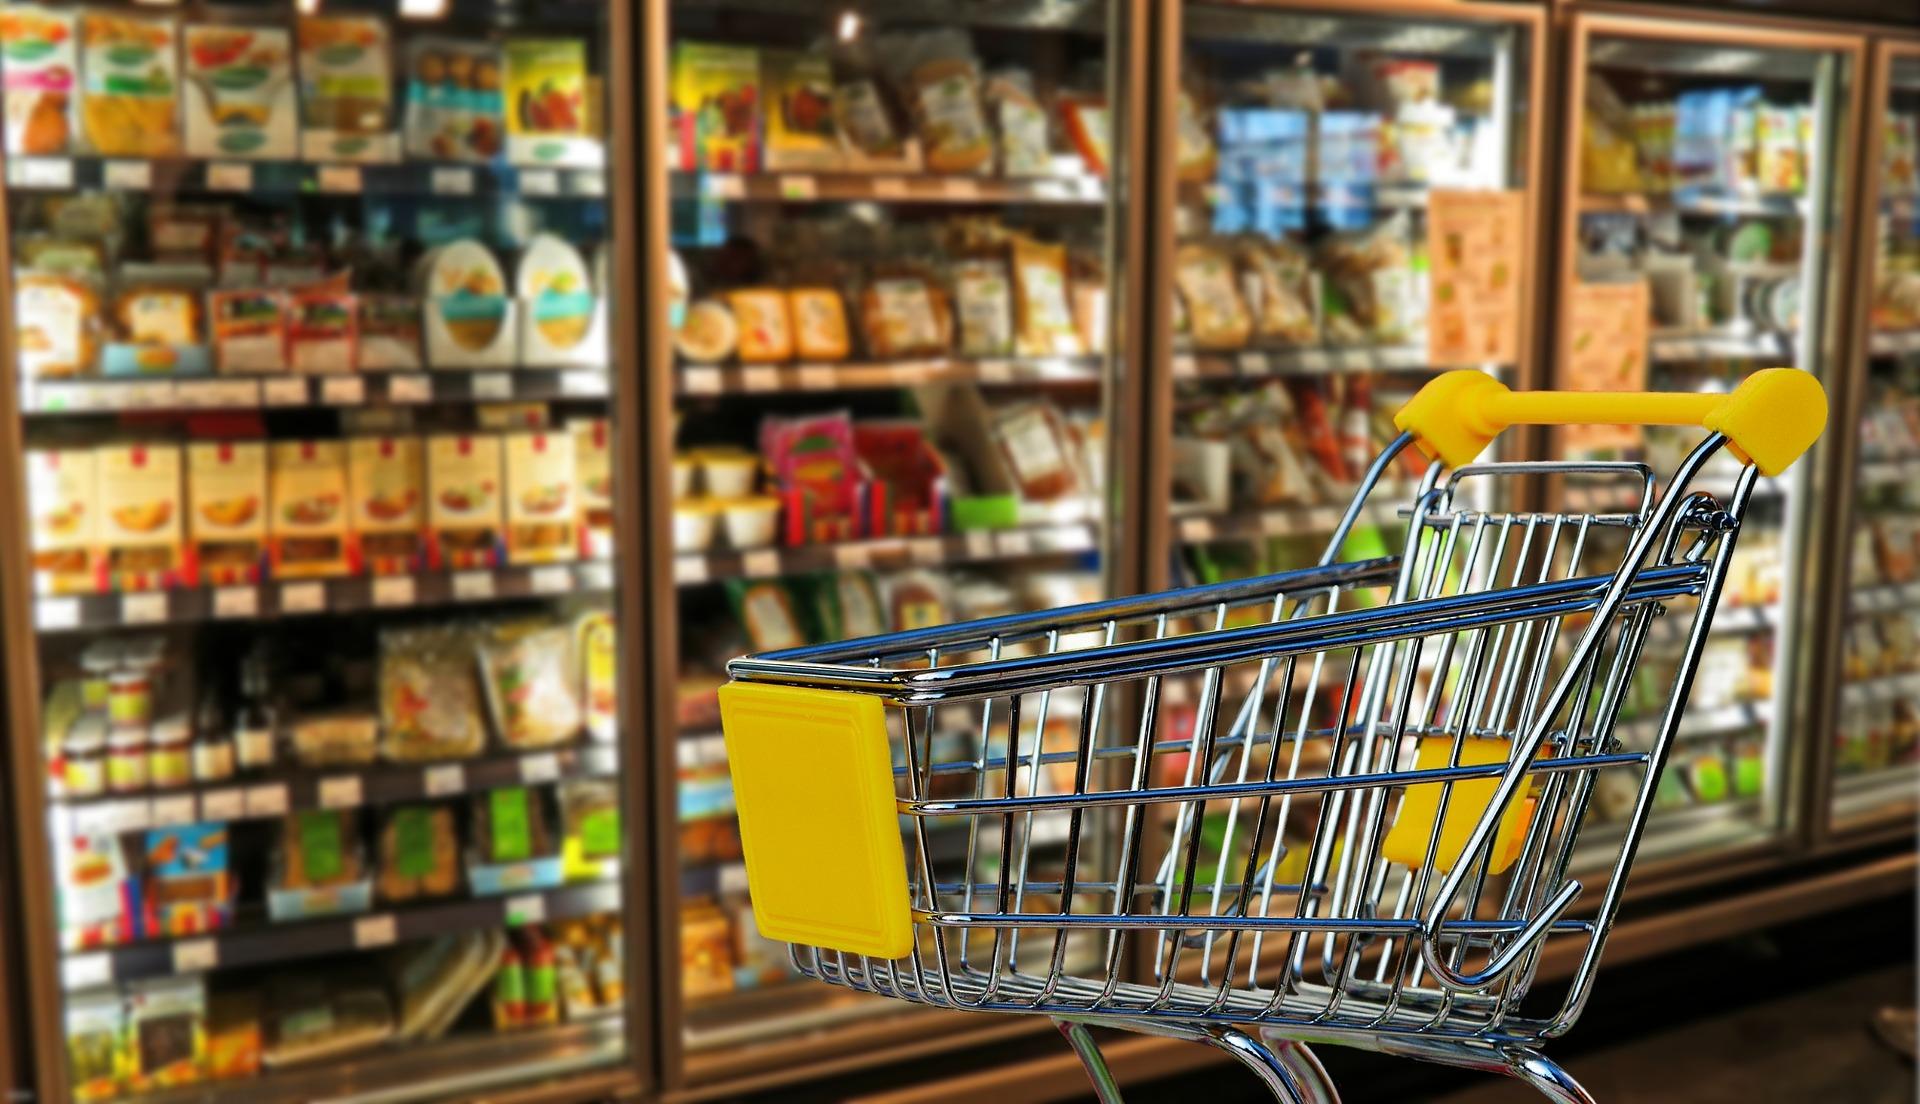 Badanie: Zakaz handlu w niedziele najbardziej przeszkadza konsumentom w średnim wieku